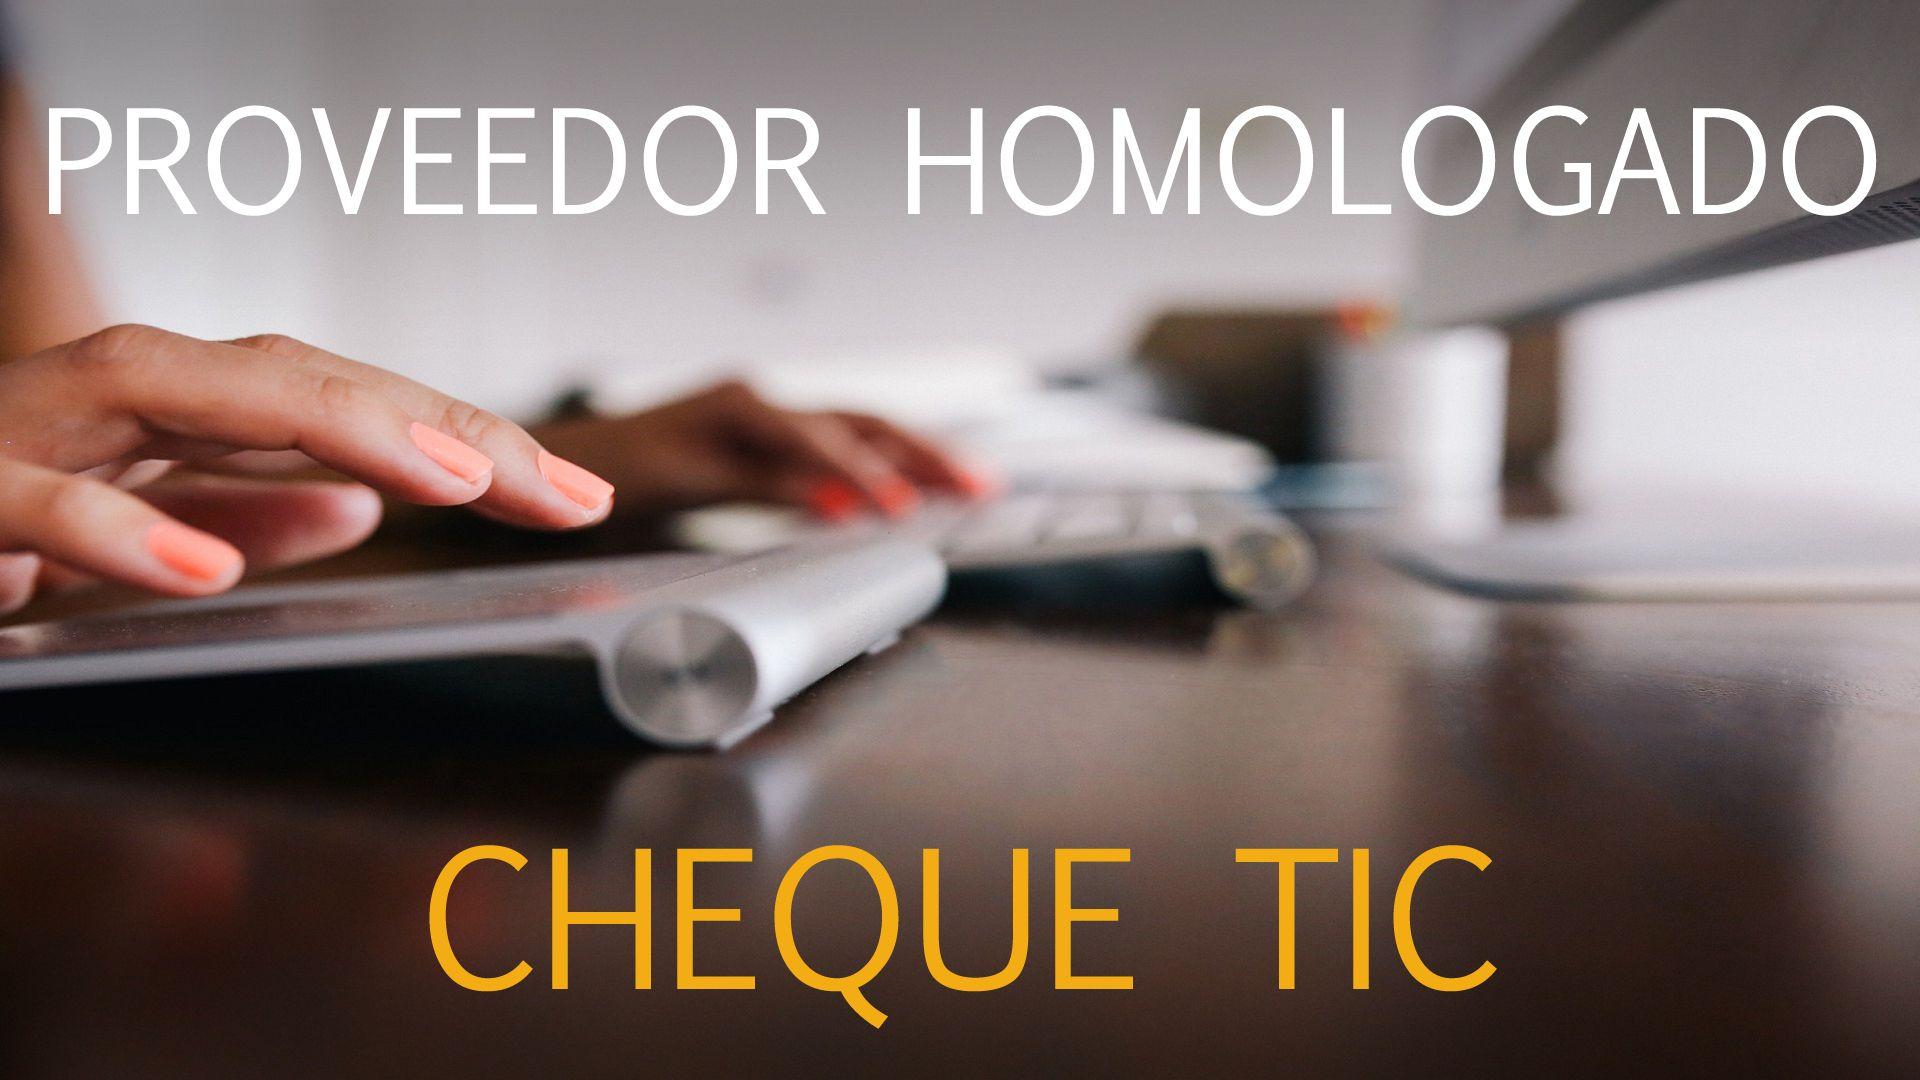 PROVEEDOR HOMOLOGADO CHEQUETIC